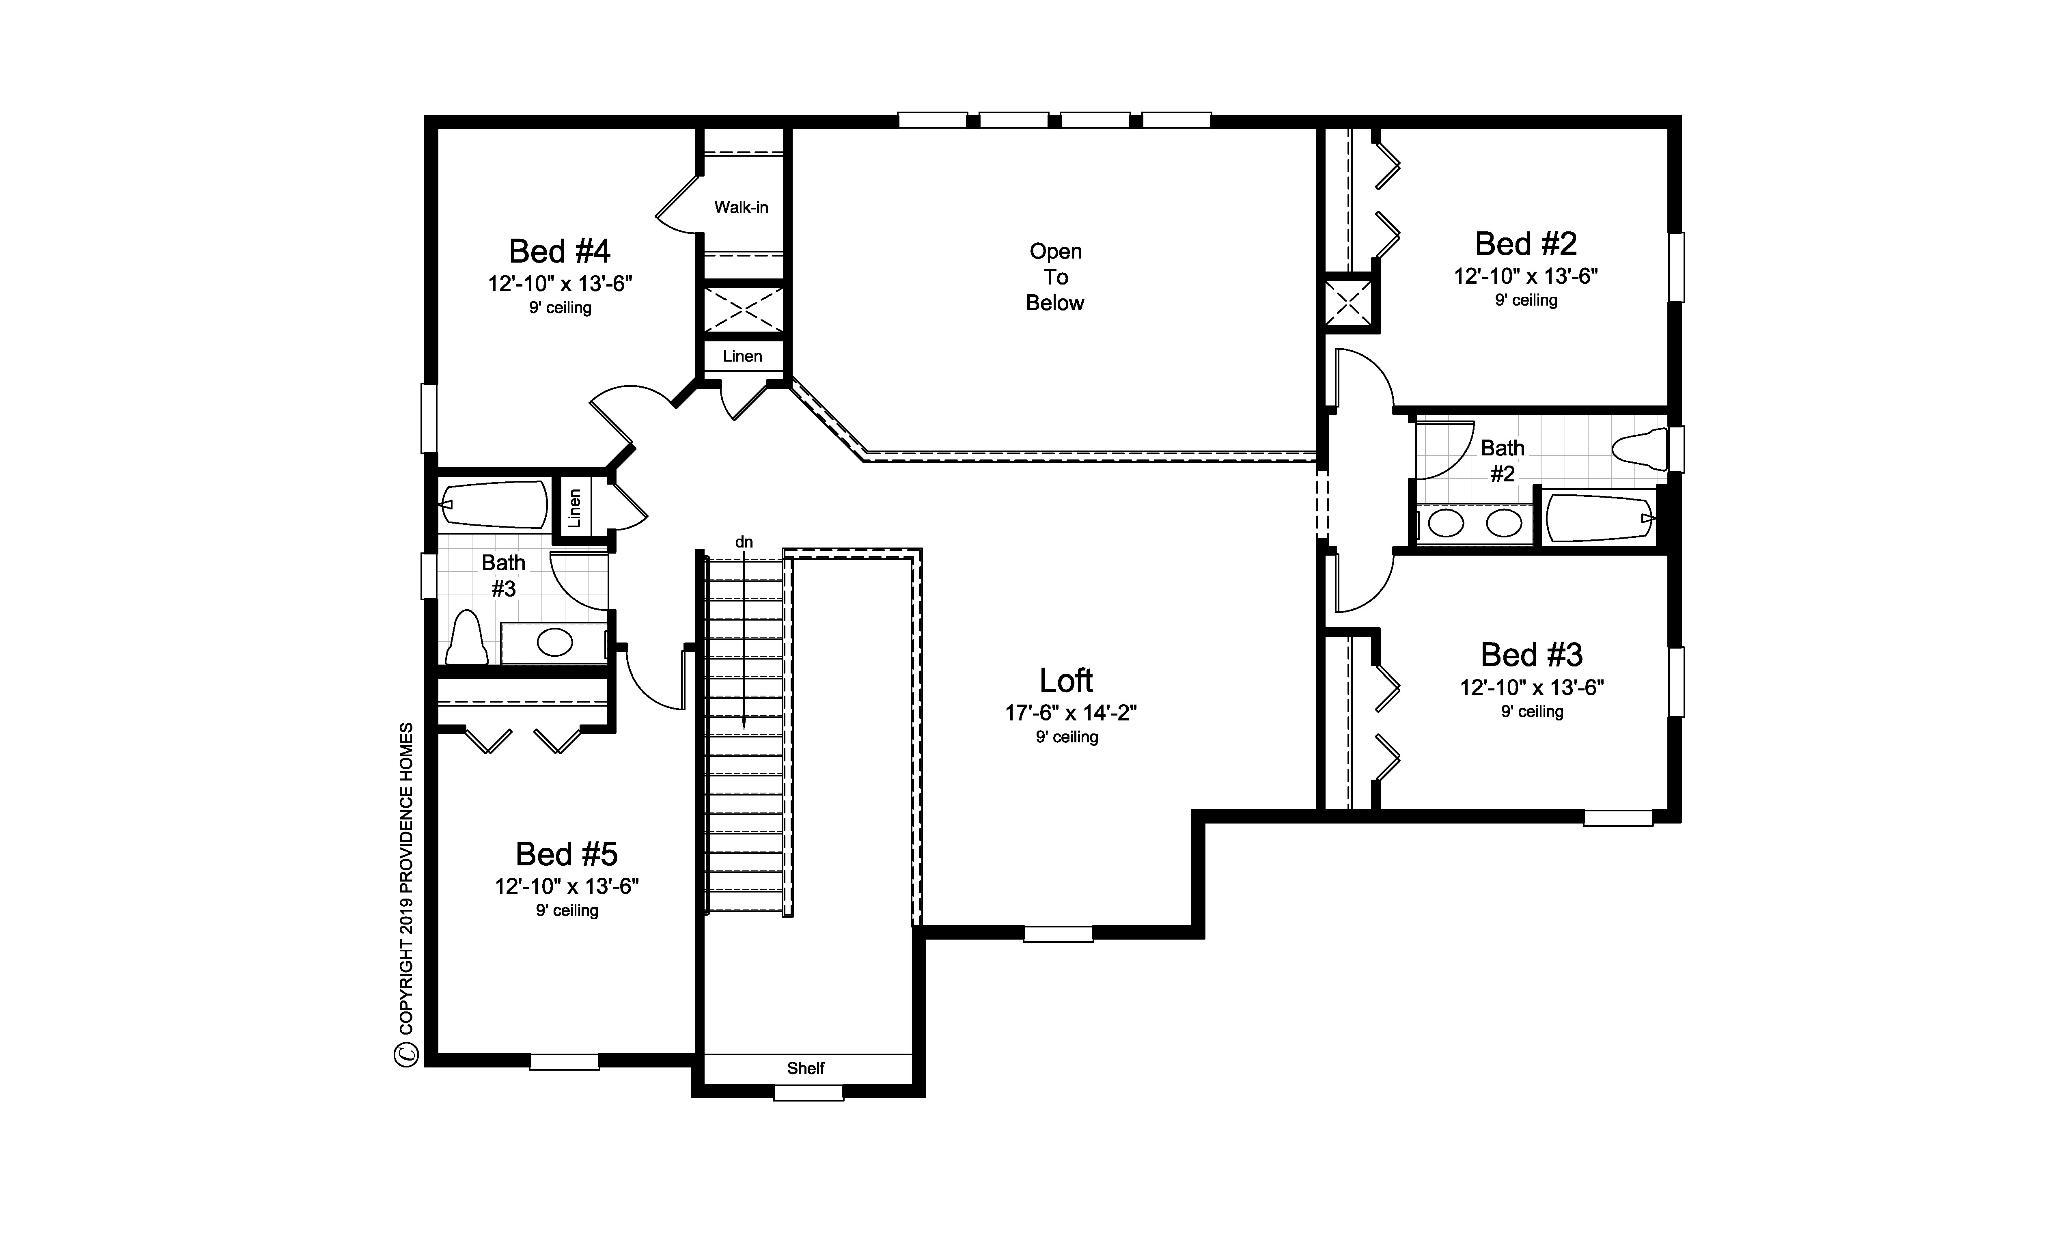 The Hancock Floorplan Floor 2